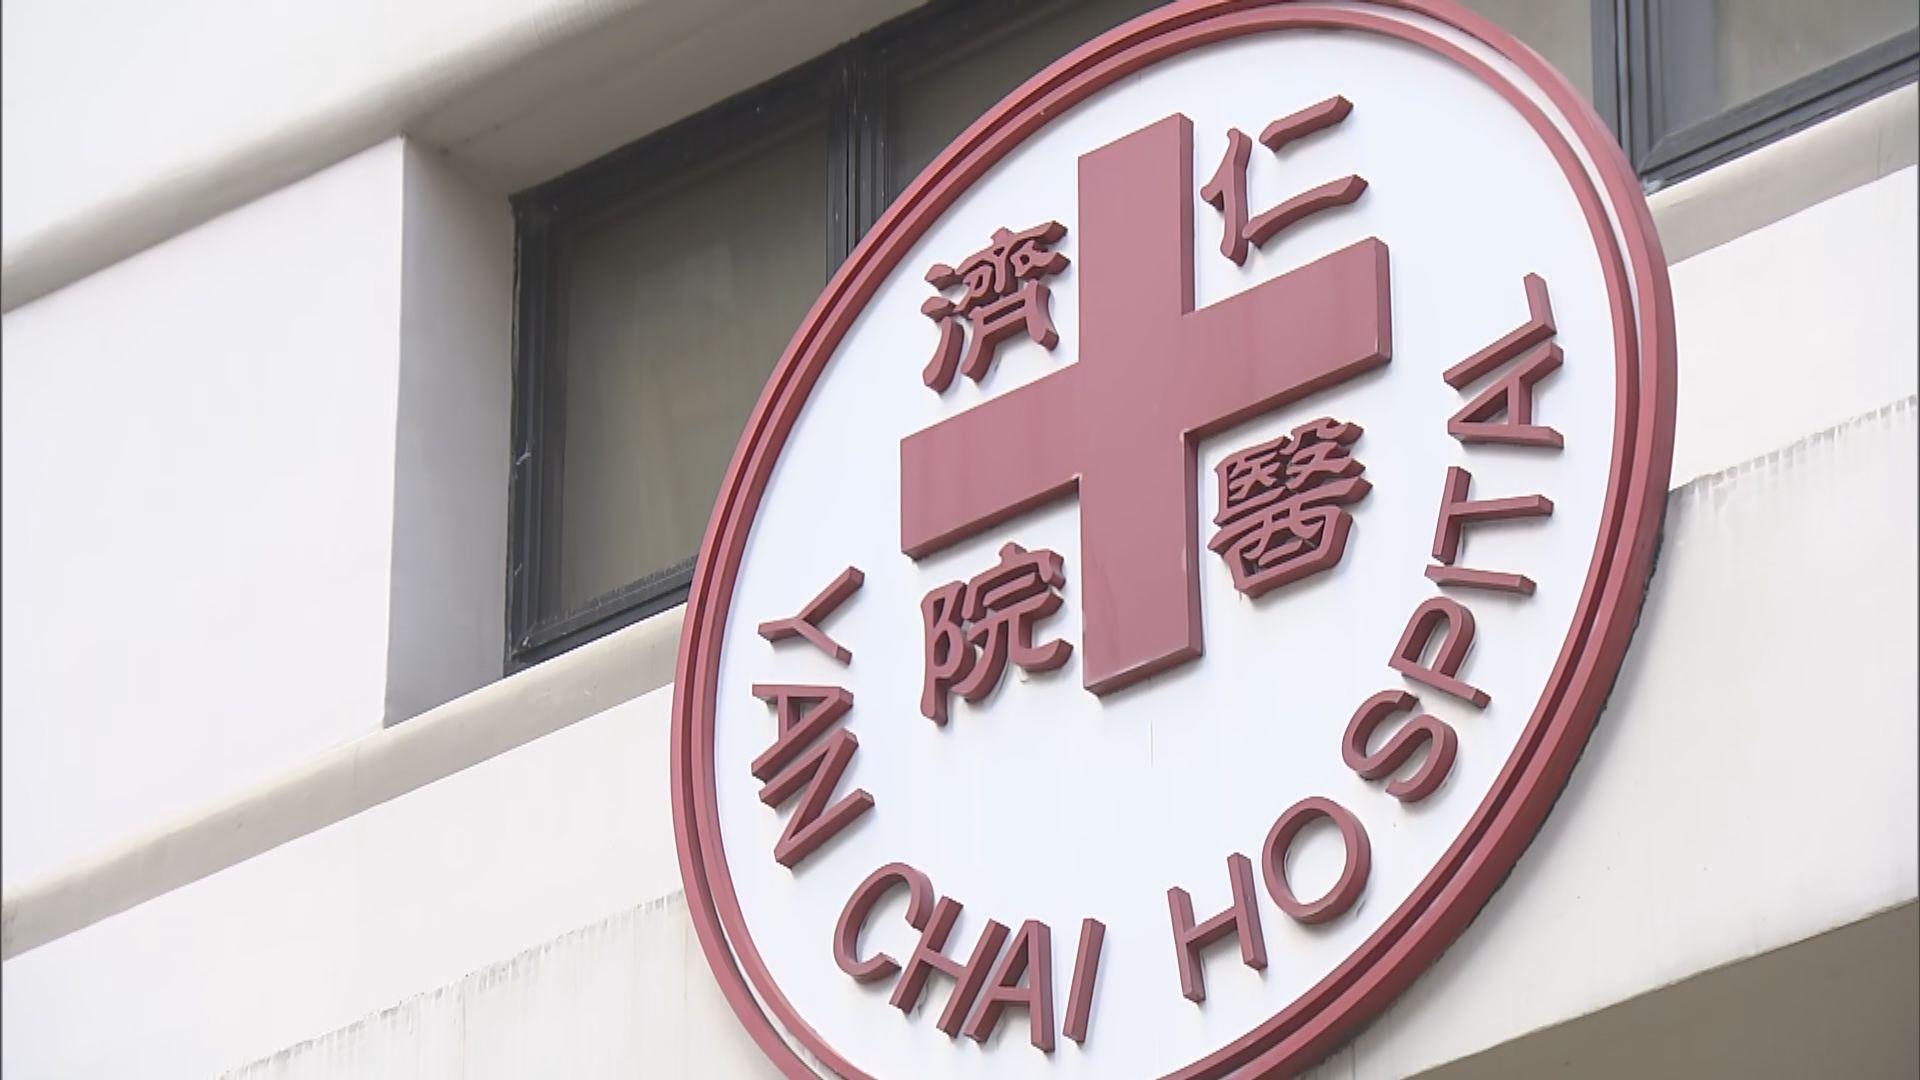 亞洲週刊江迅離世家屬質疑耽誤救治 醫院指已盡力救治